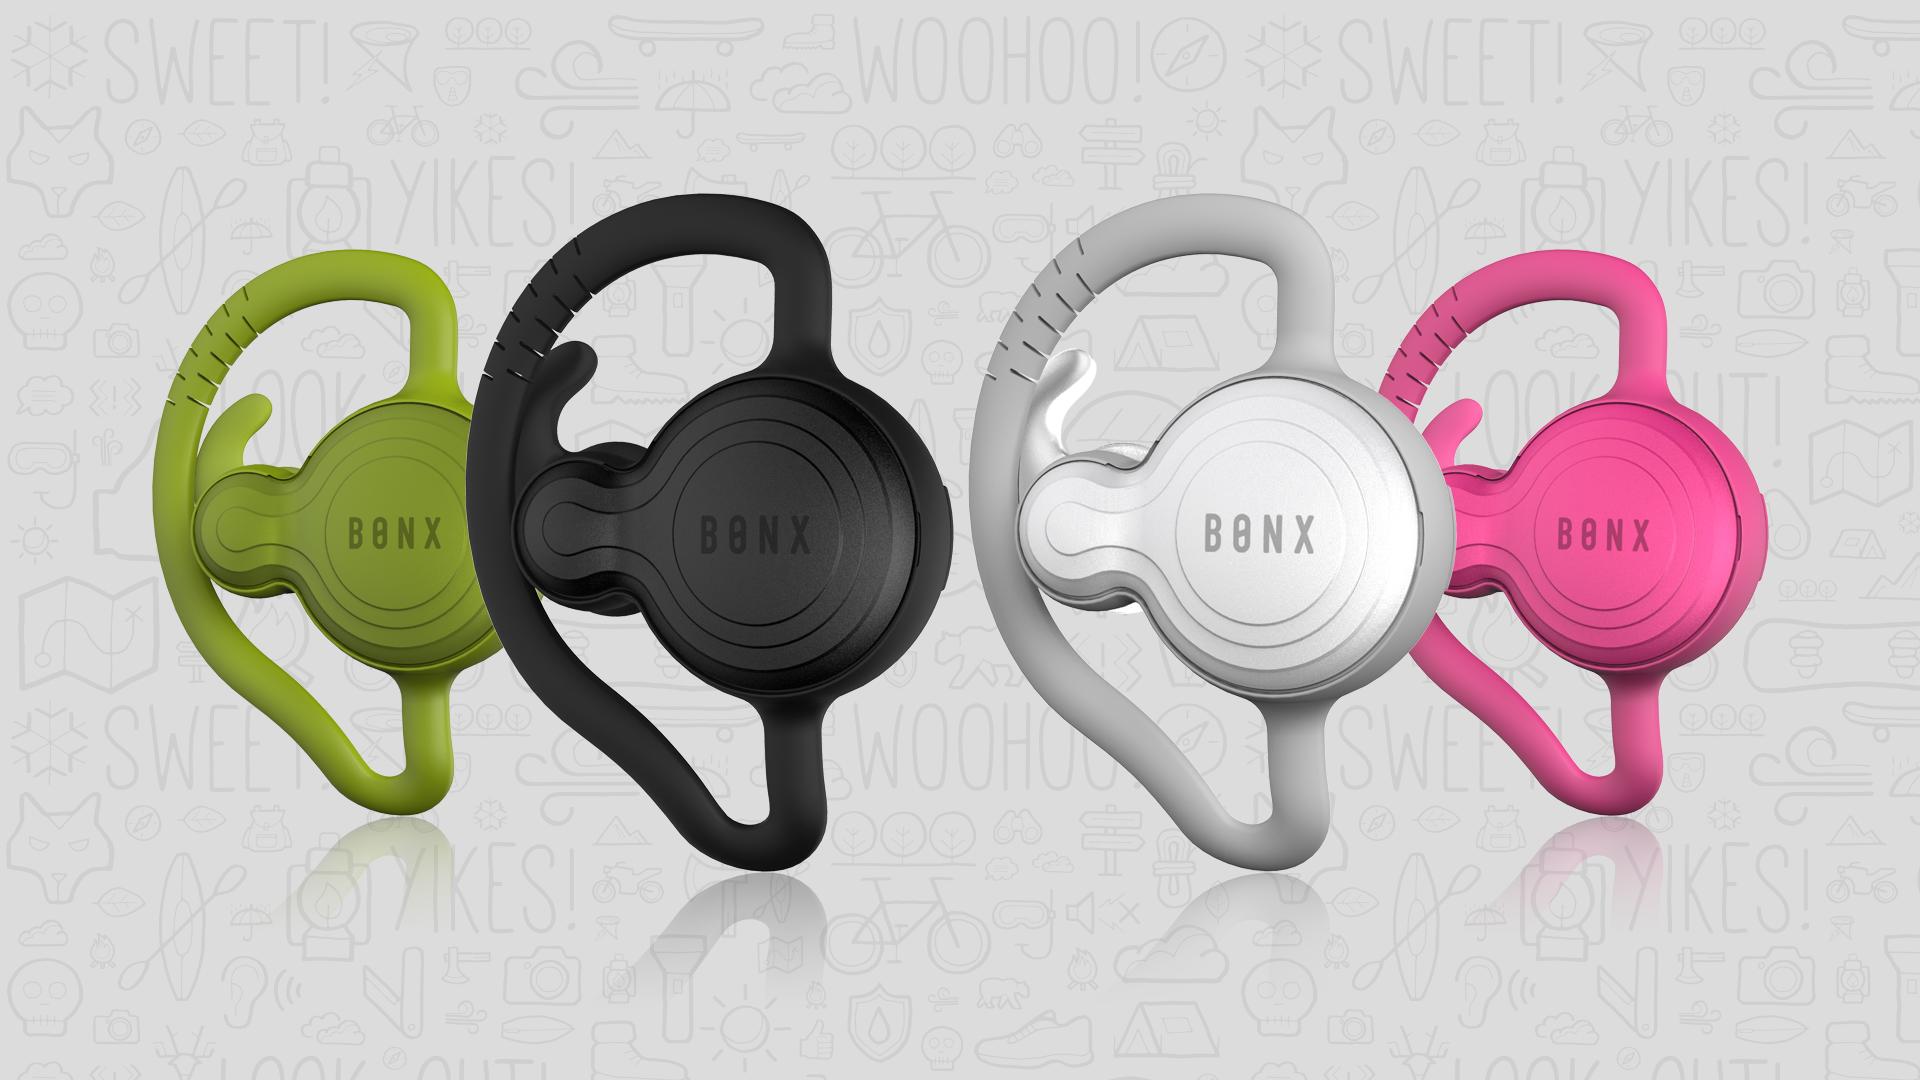 エクストリームコミュニケーションギア『BONX Grip』